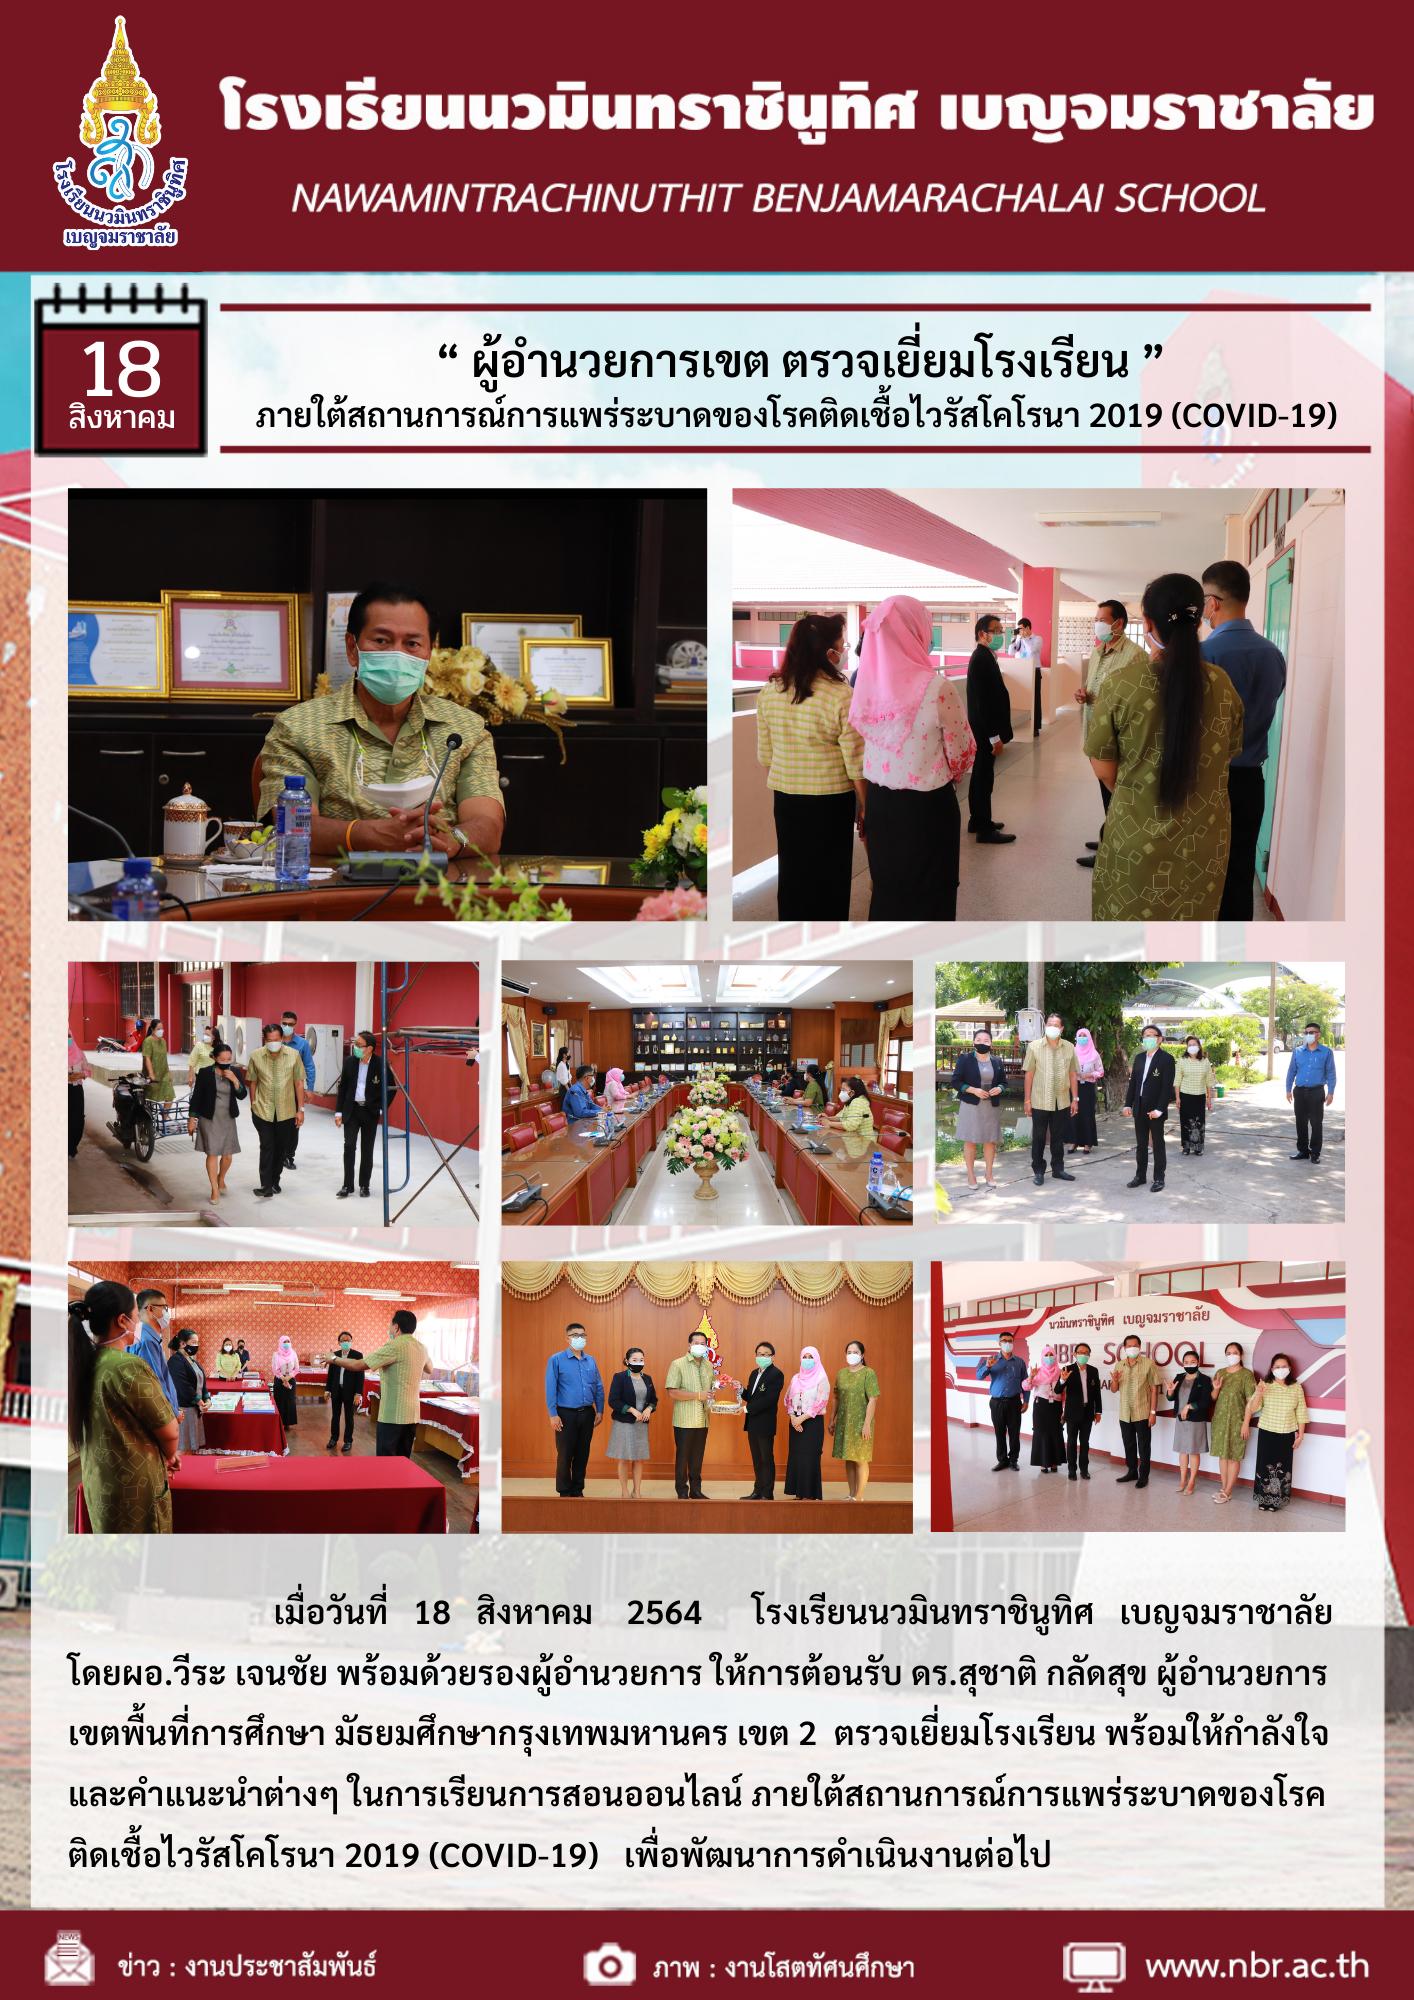 ผู้อำนวยการเขต สพม.2 ตรวจเยี่ยมโรงเรียน